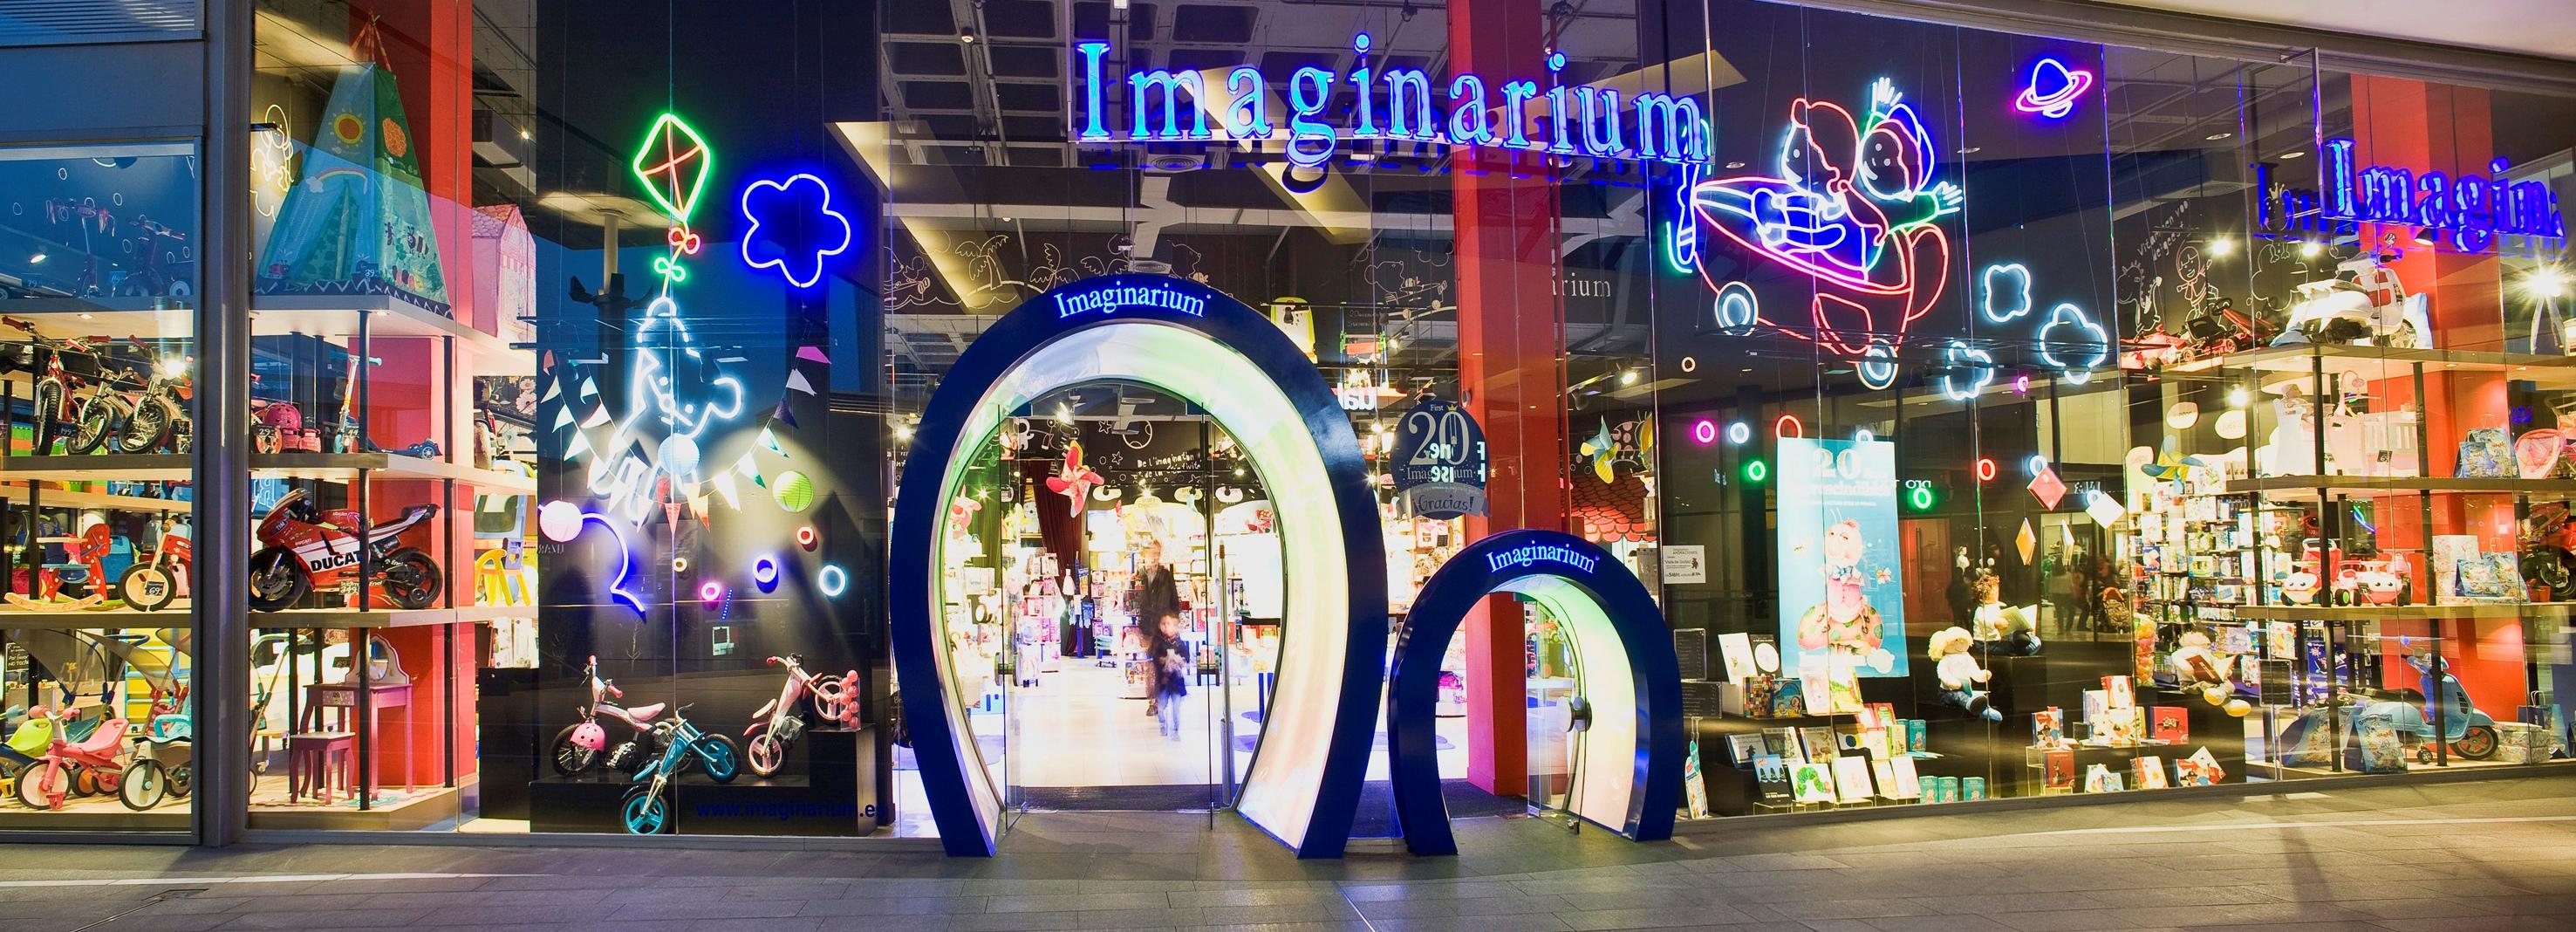 Imaginarium,places to shop in Spain